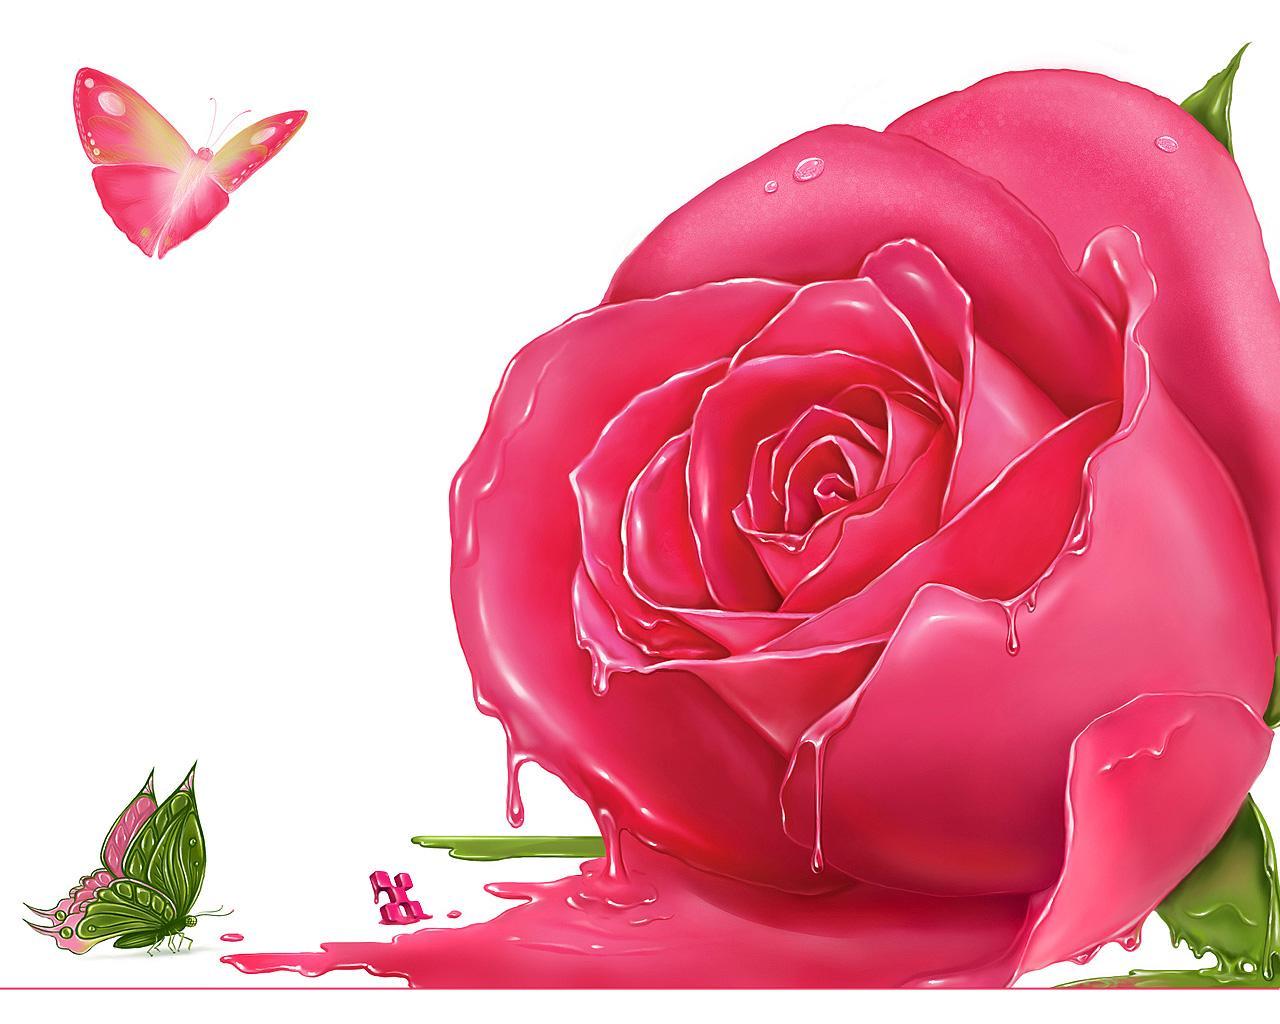 http://2.bp.blogspot.com/__y5VdkZSz7c/TBSKDqS1b6I/AAAAAAAAAZc/jIvVBFdRvNE/s1600/pink20rose_wallpaper_343906191.jpg